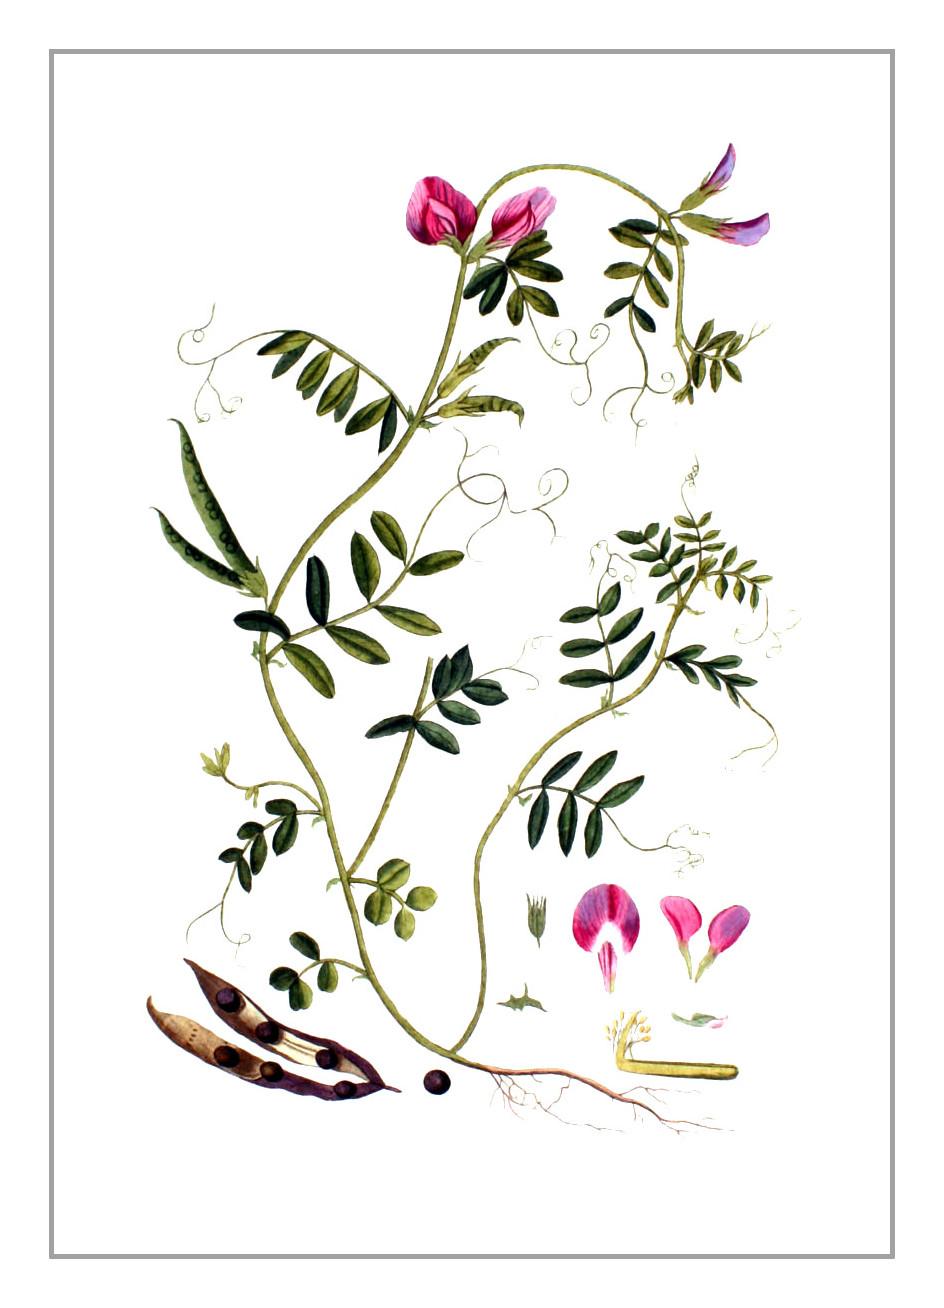 Futterwicke – Vicia sativa